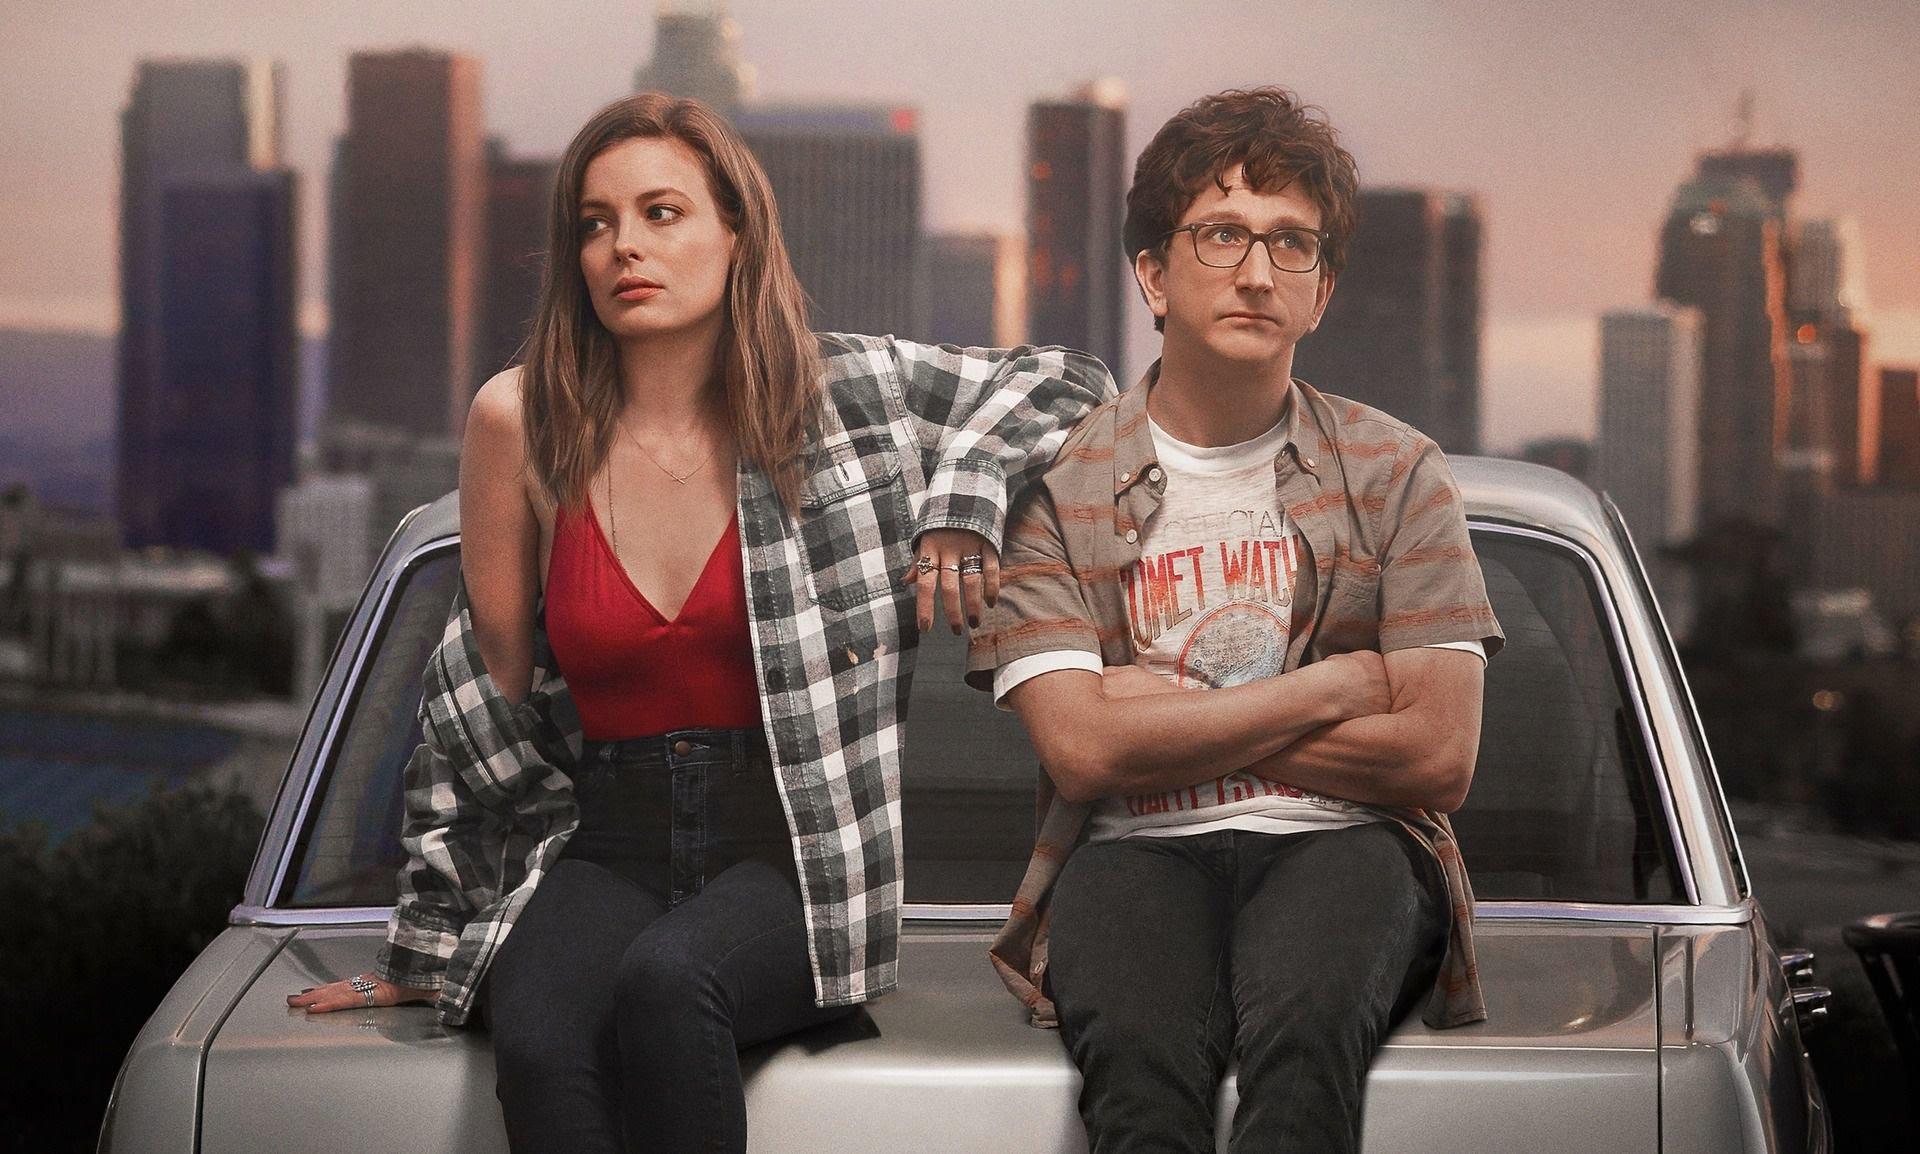 Love sur Netflix: Pourquoi vous devriez regarder la comédie romantique de Judd Apatow